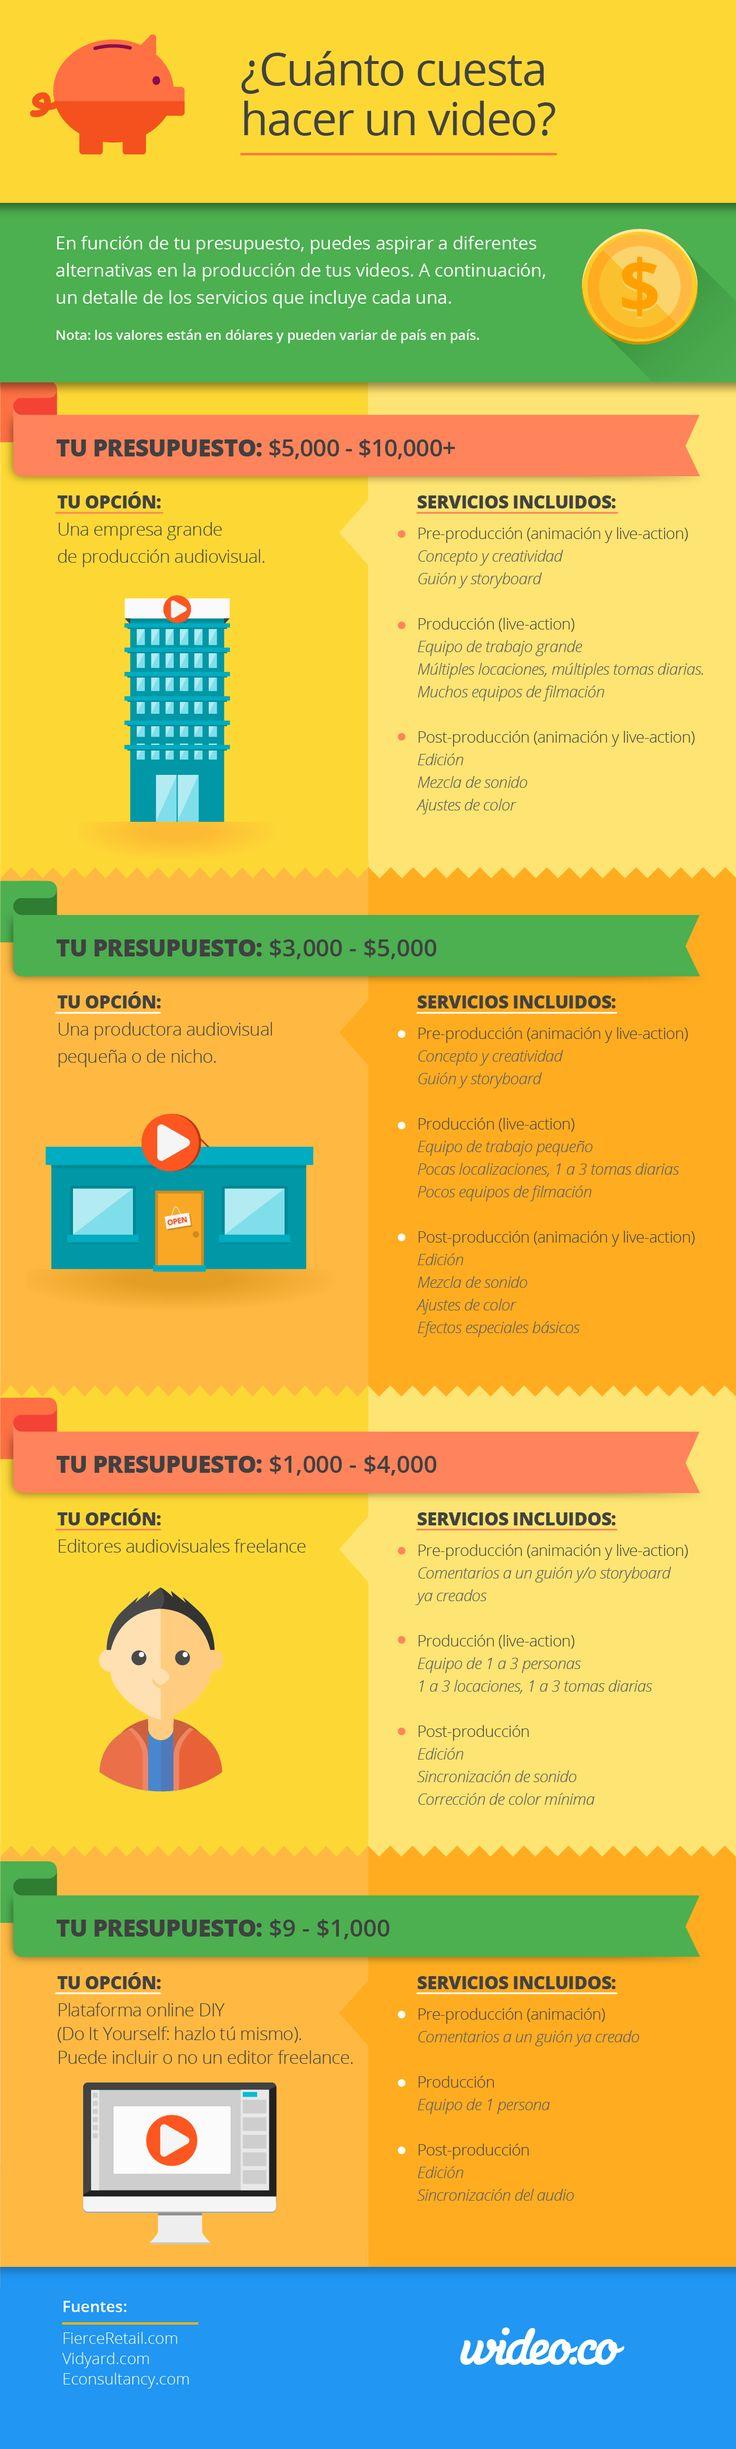 Infografía; ¿Cuánto cuesta hacer un video?